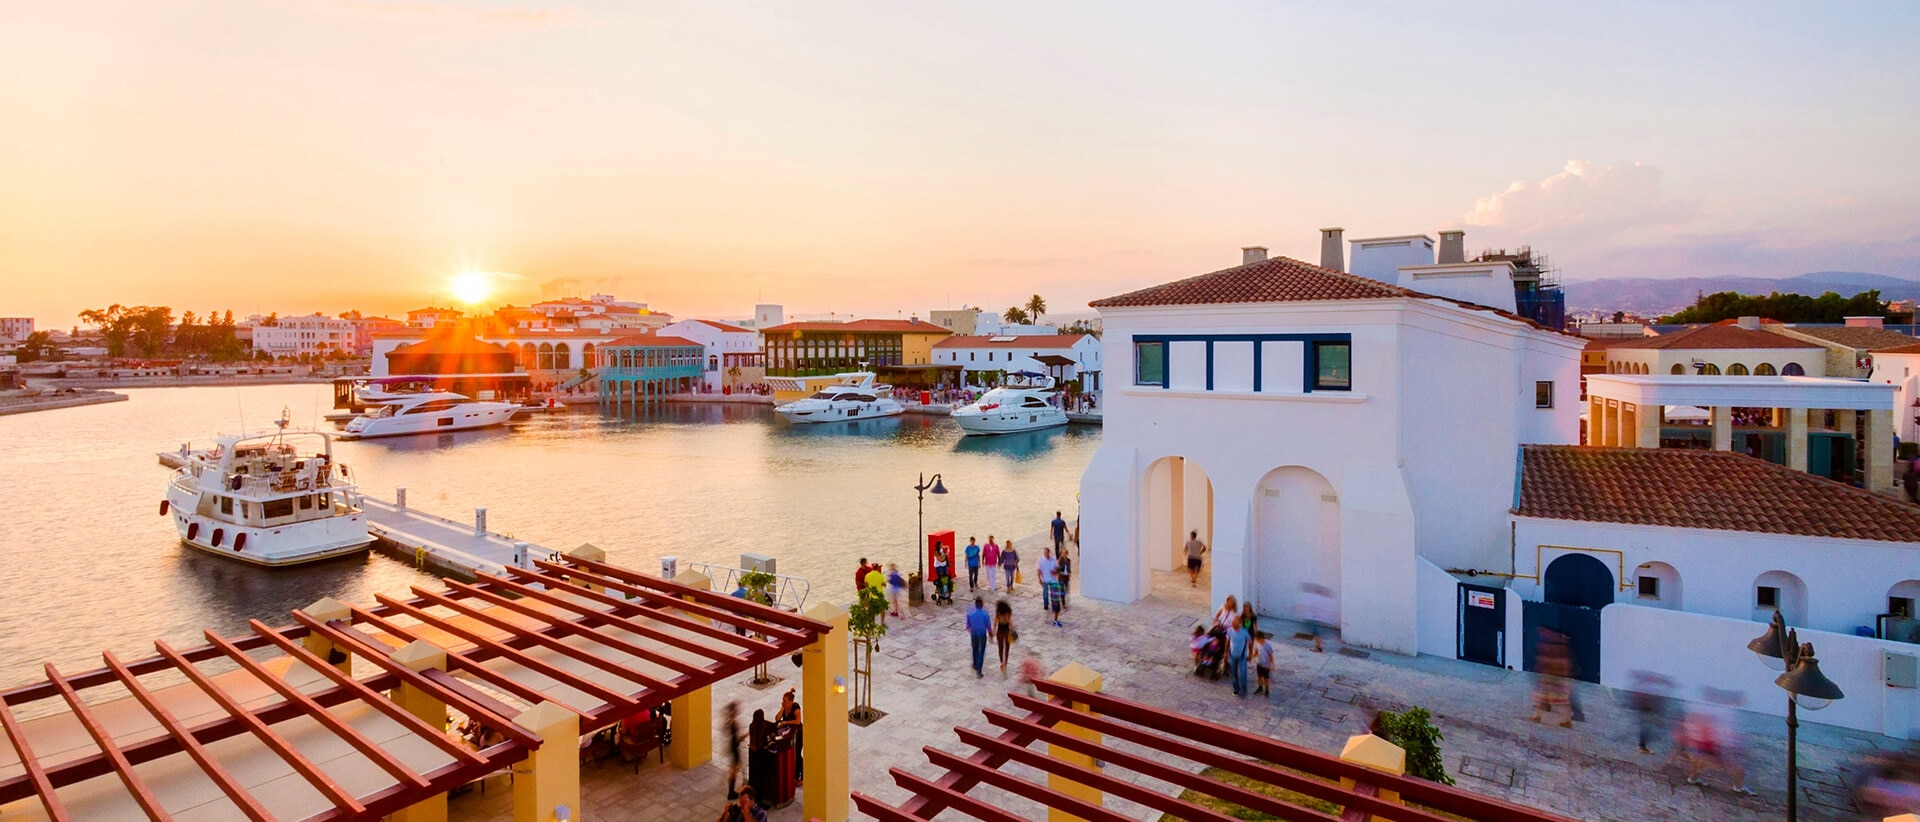 Limassol, Kypros